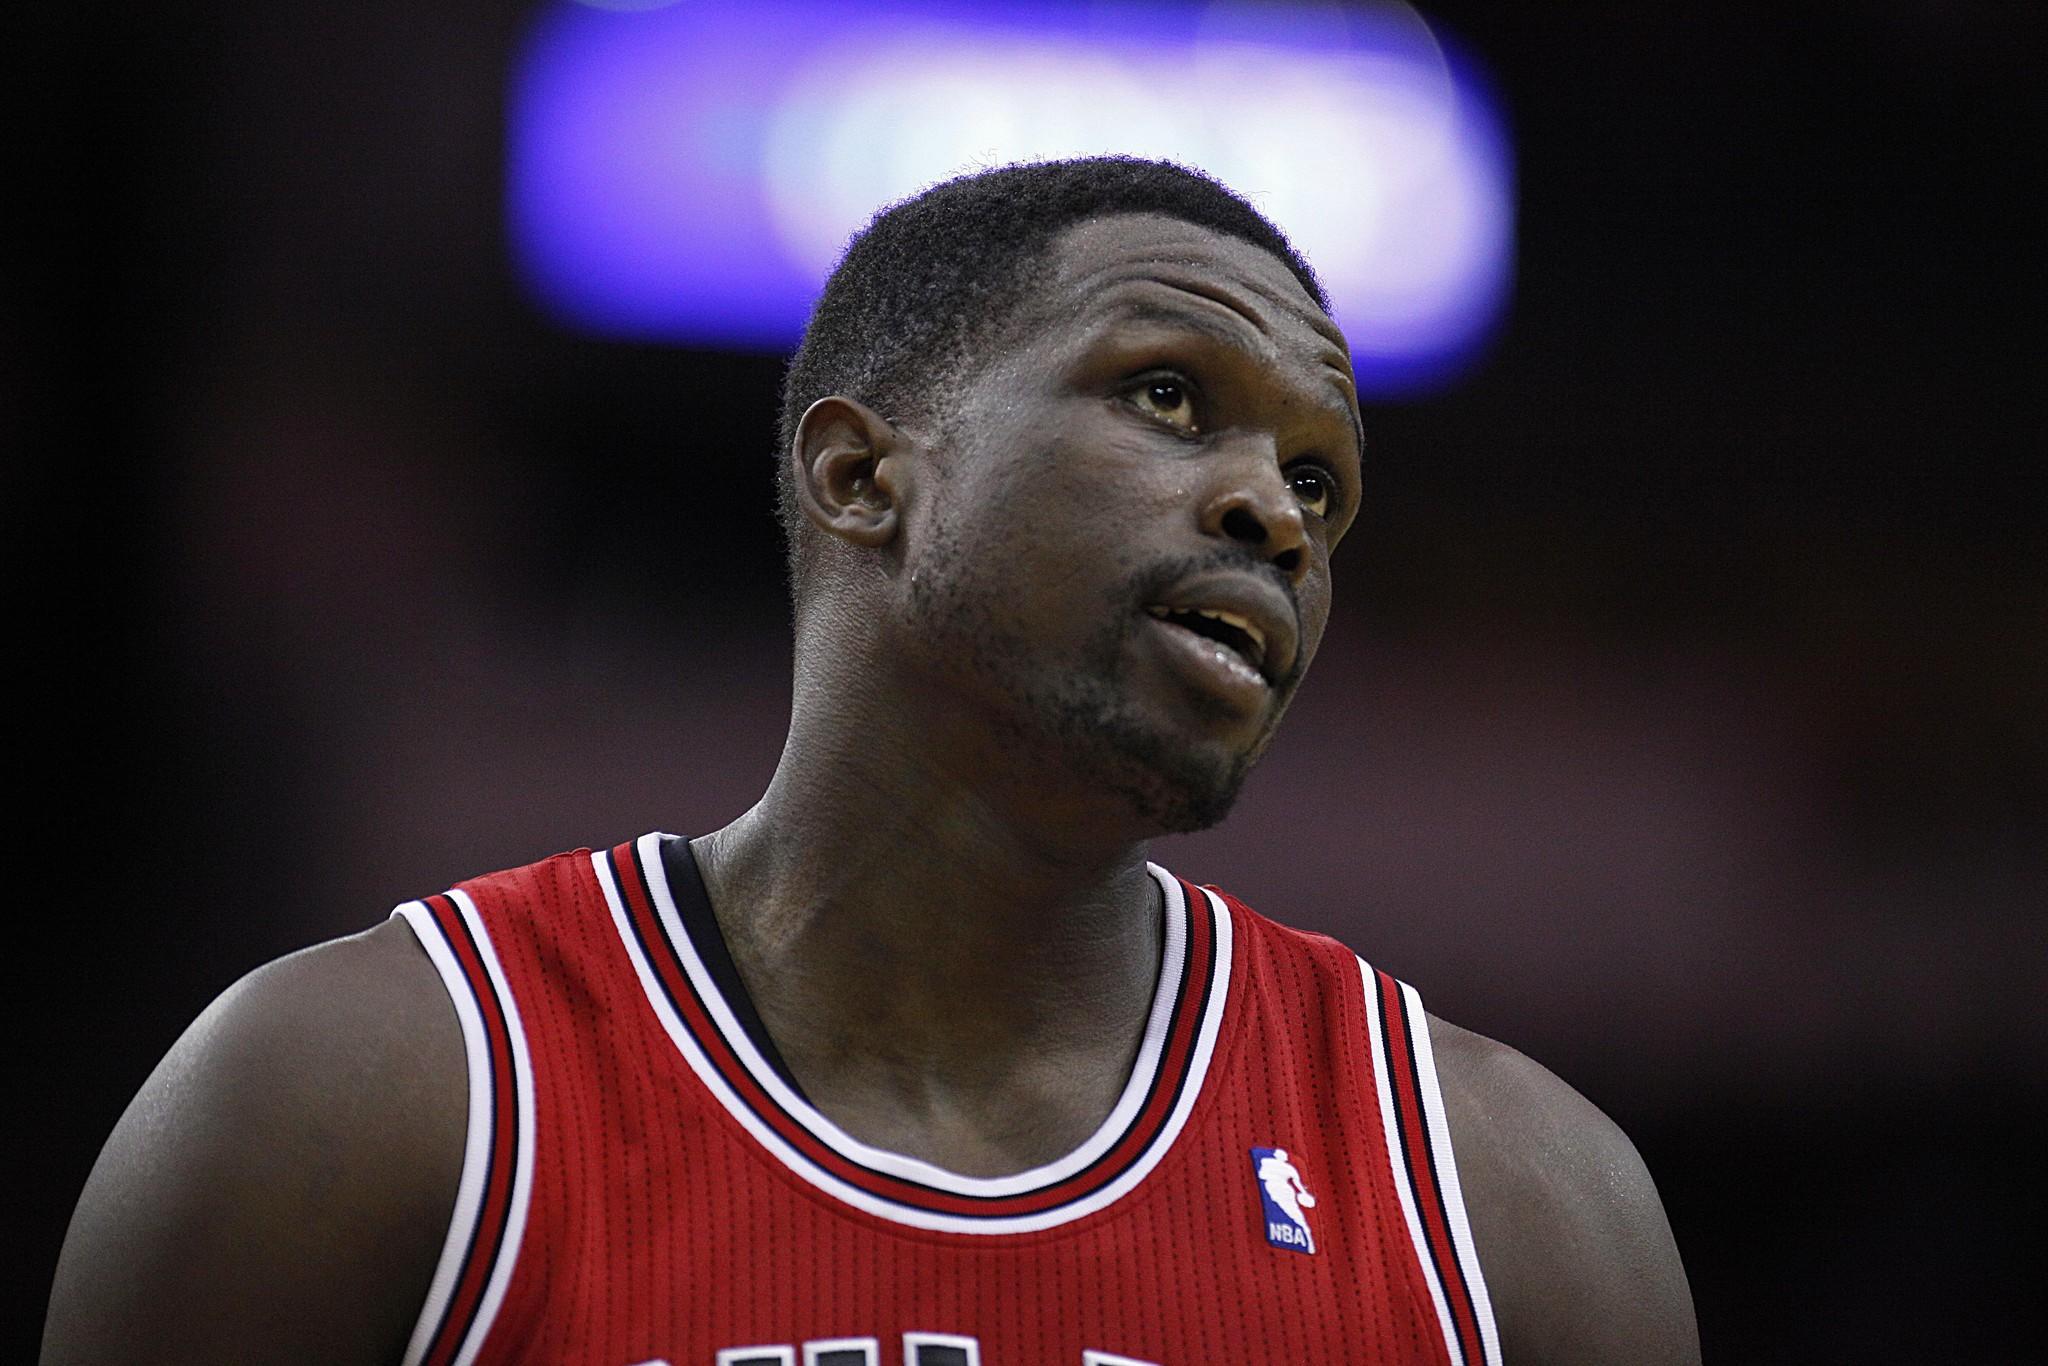 Chicago Bulls forward Luol Deng.